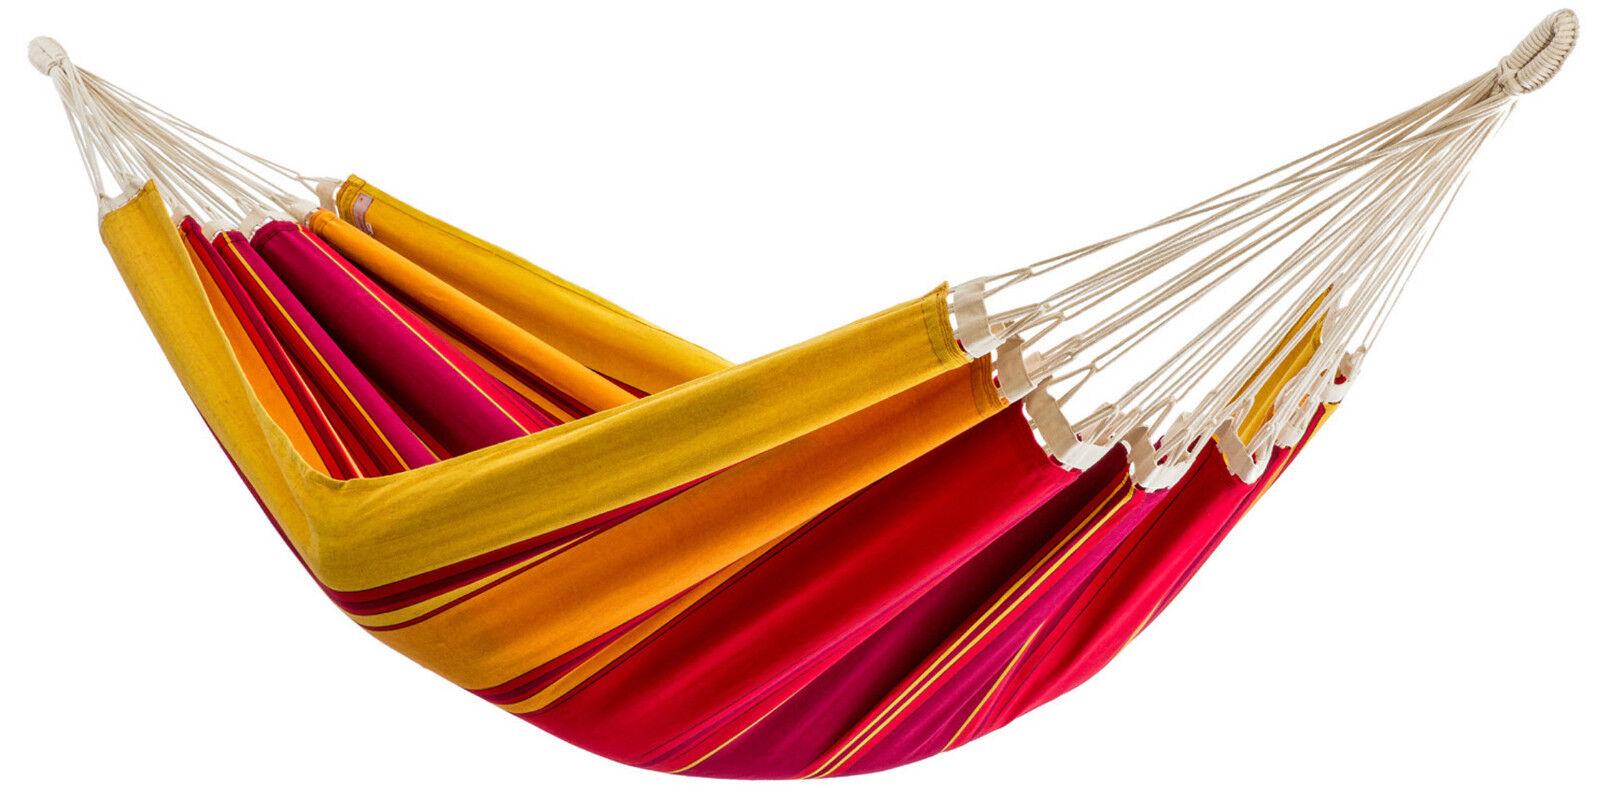 Bio-Baumwolle Hängematte Beleza rubin GOTS - zertifiziert Fair Trade